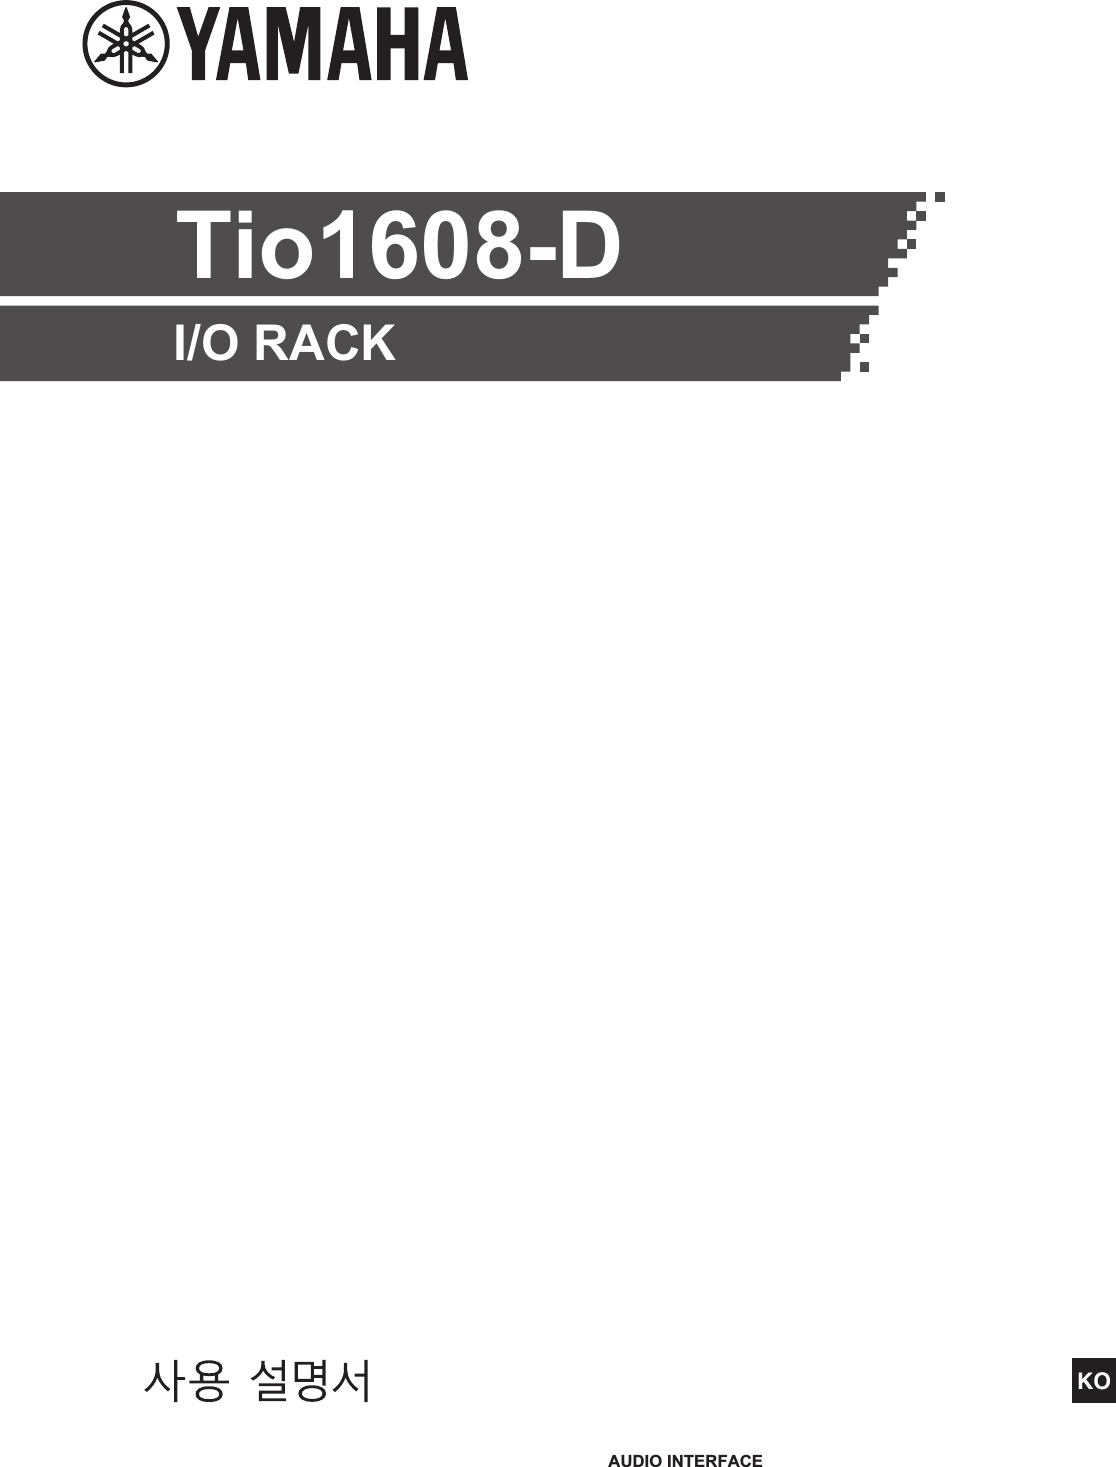 Yamaha Tio1608 D Owner's Manual Tio1608d Ko Om C0